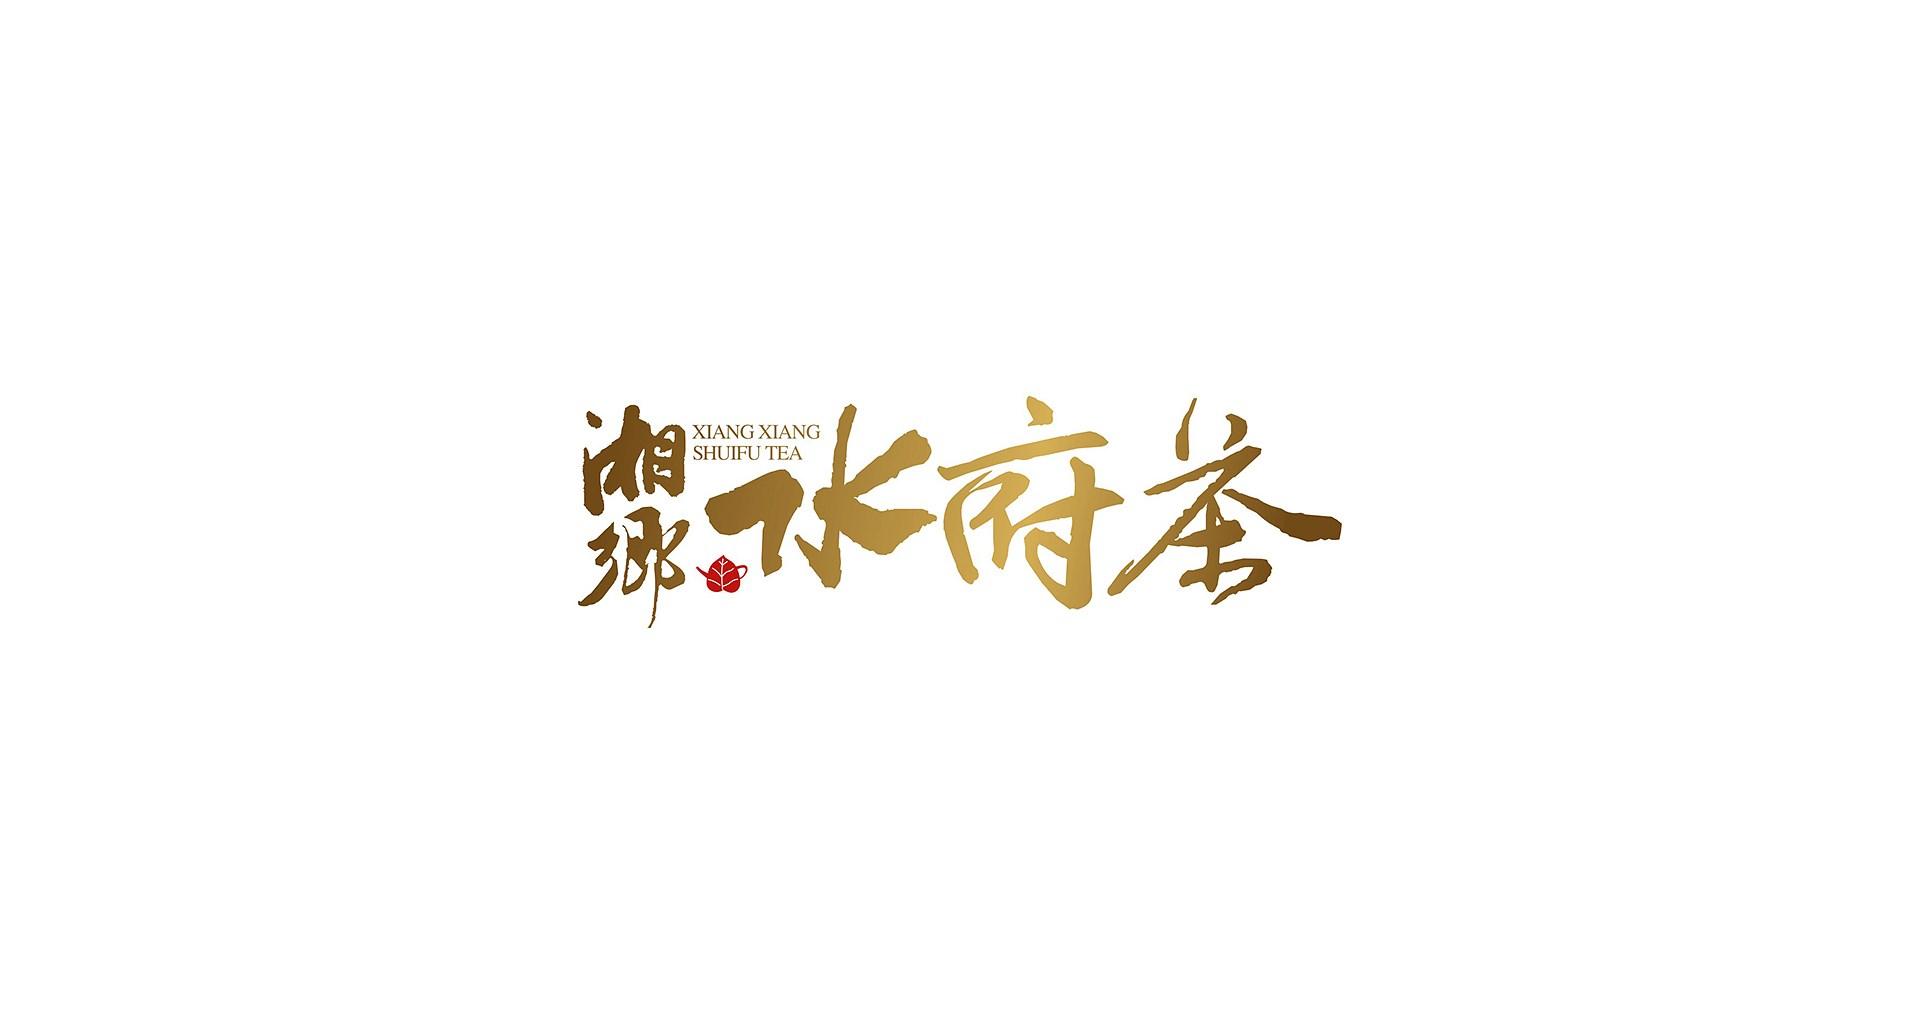 水府茶新万博竞彩app苹果下载万博manbetx手机版苹果下载_0009.JPG